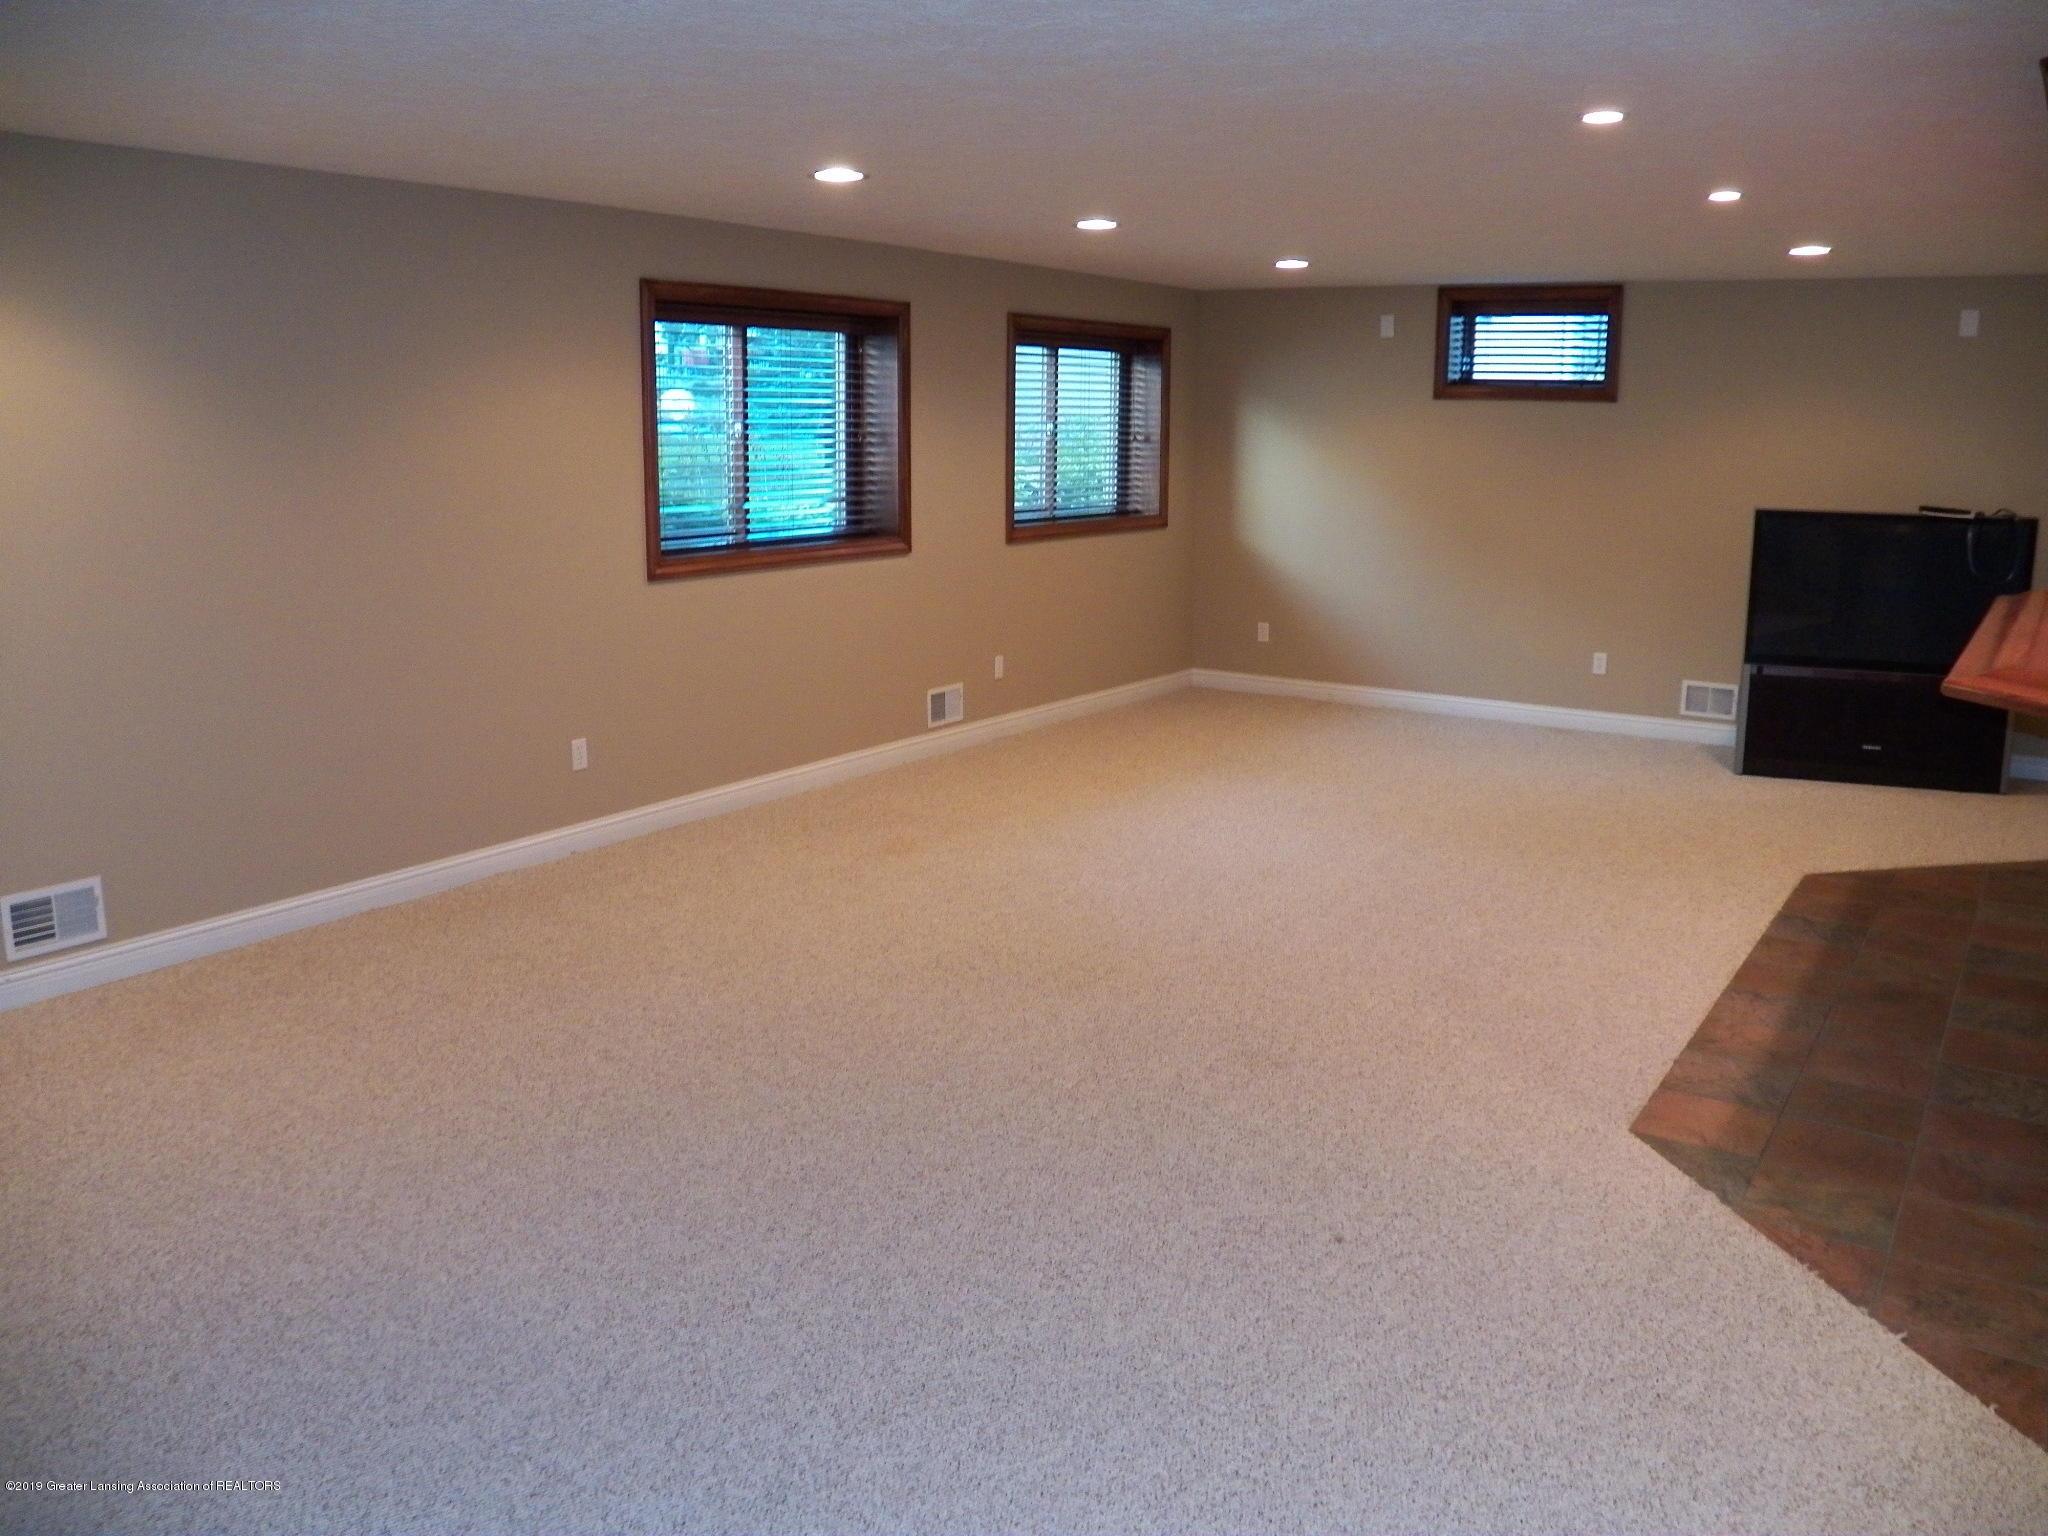 7387 Mallow Ln - basement - 31